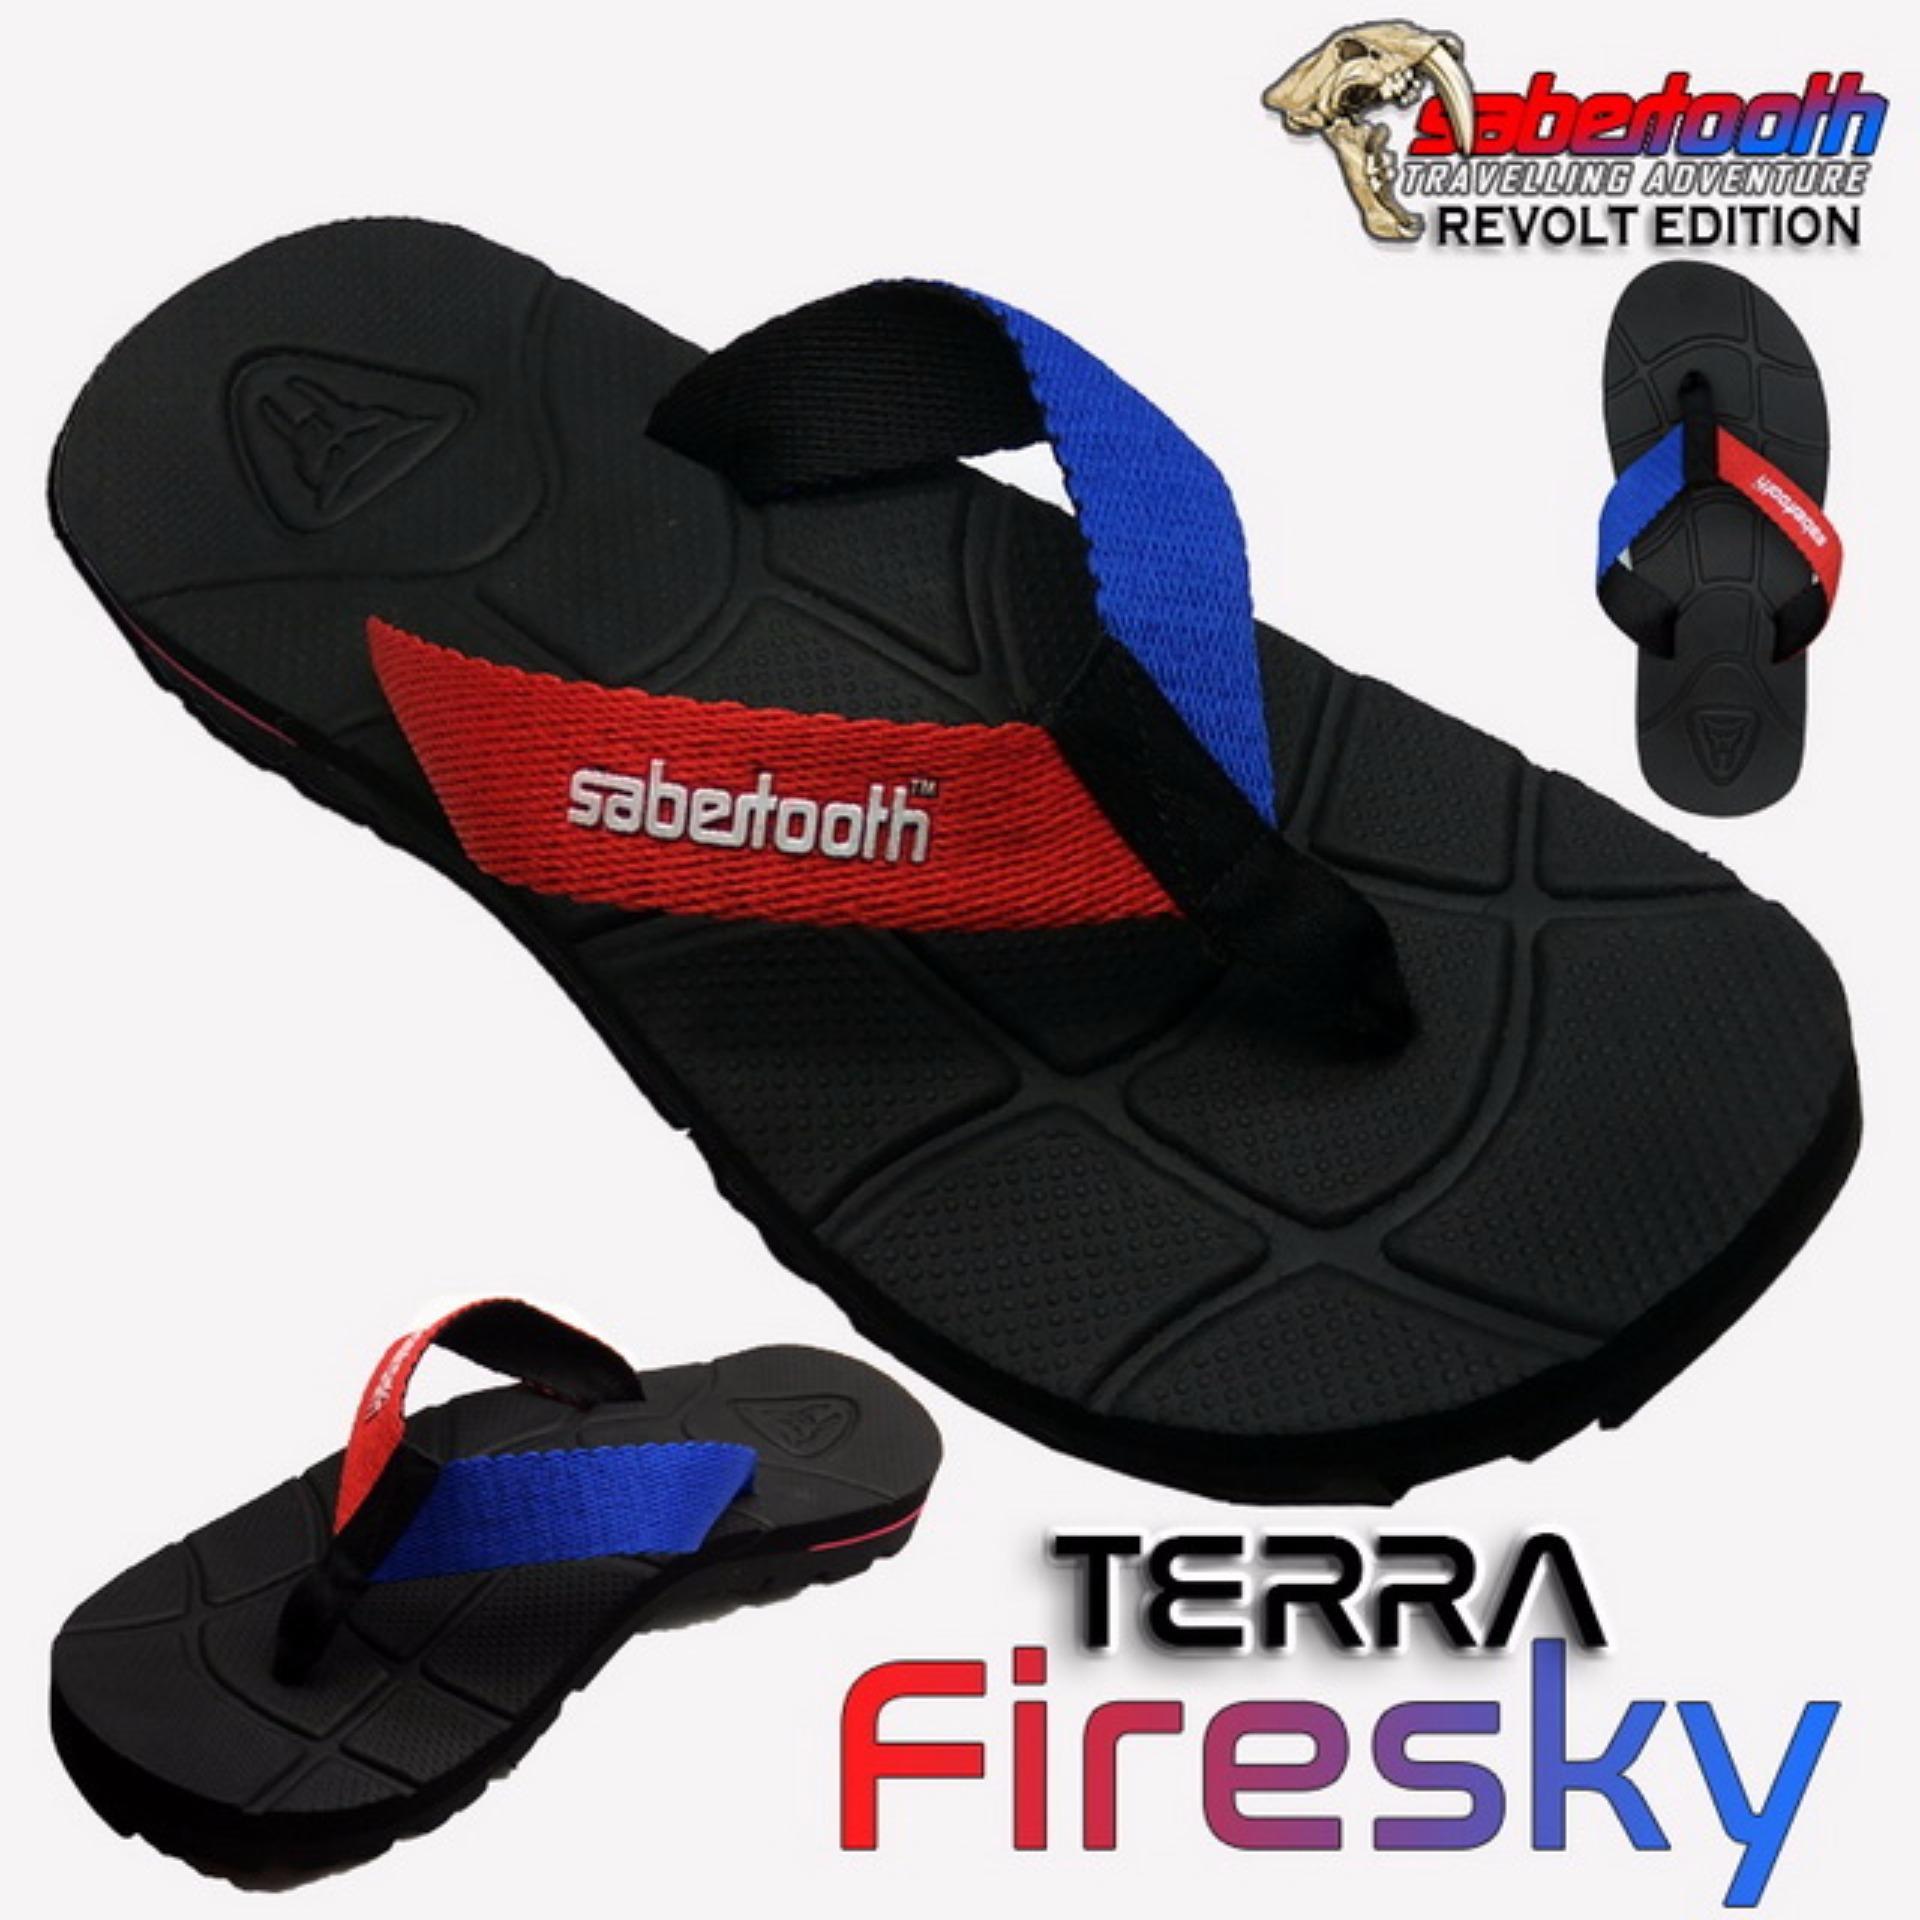 Pencarian Termurah SABERTOOTH Sandal Gunung Traventure Terra Firesky size 32 s/d 47 harga penawaran - Hanya Rp81.378